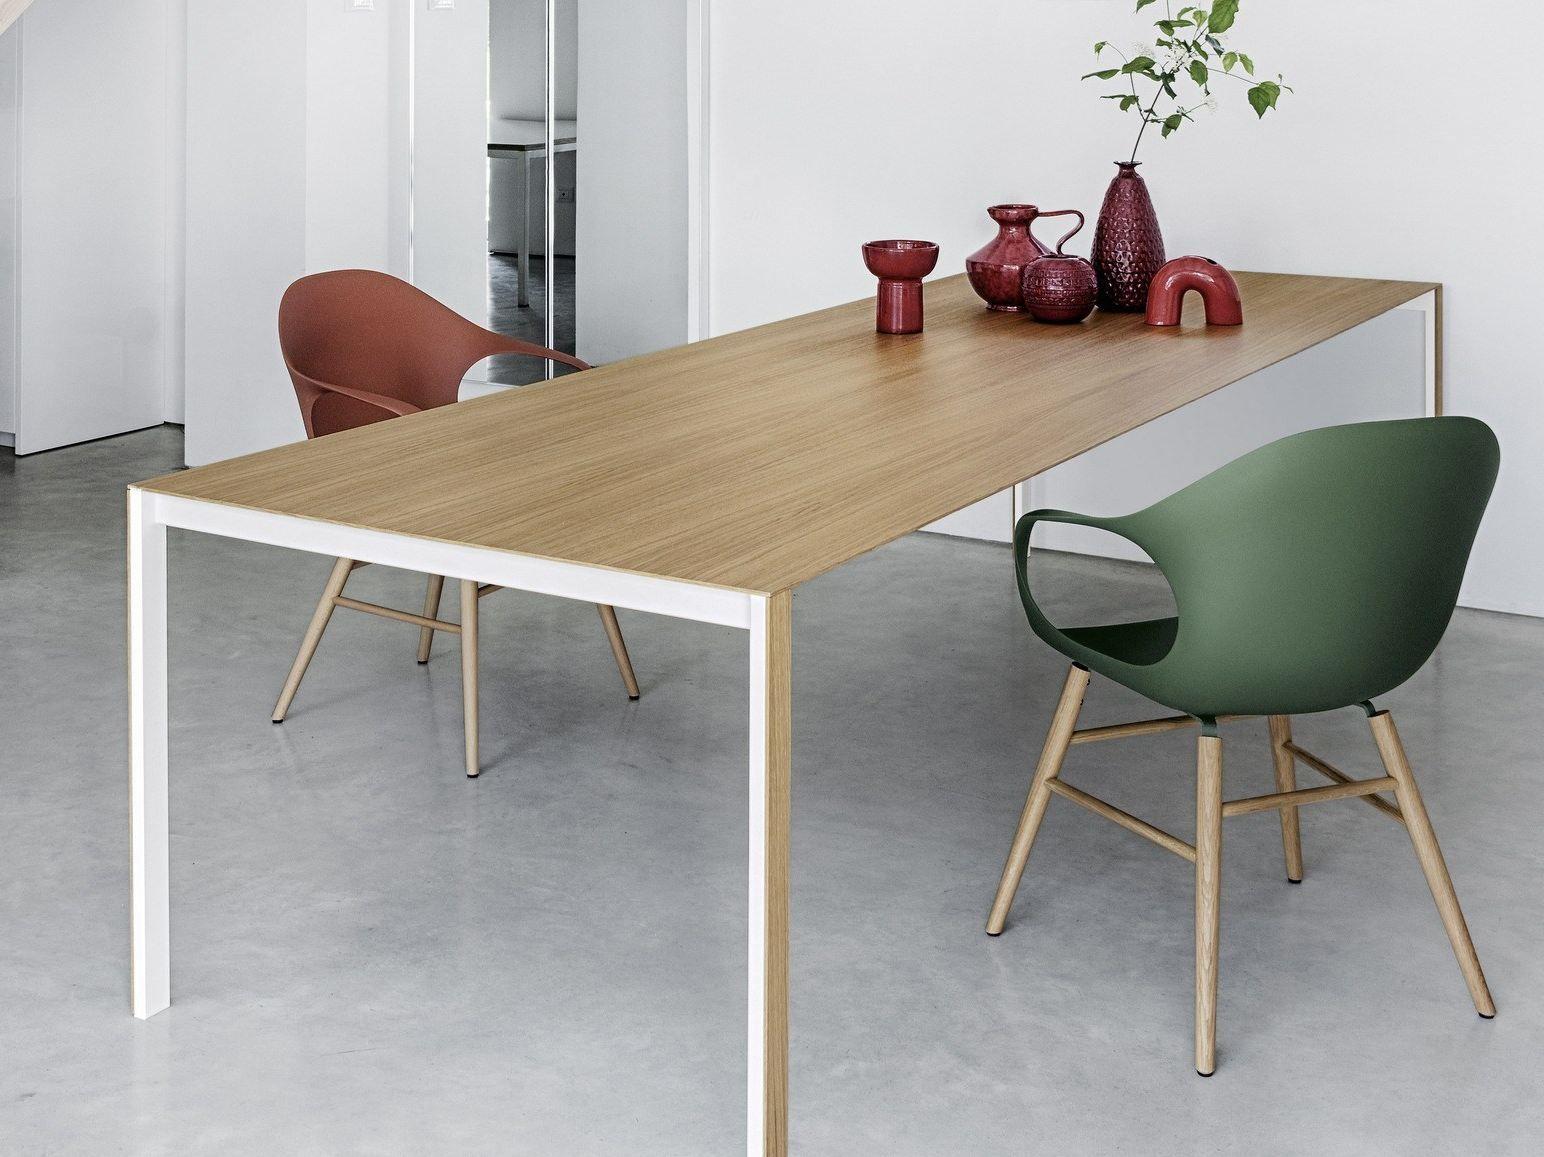 Rechteckiger tisch aus holz thin k wood by kristalia for Tisch design wood